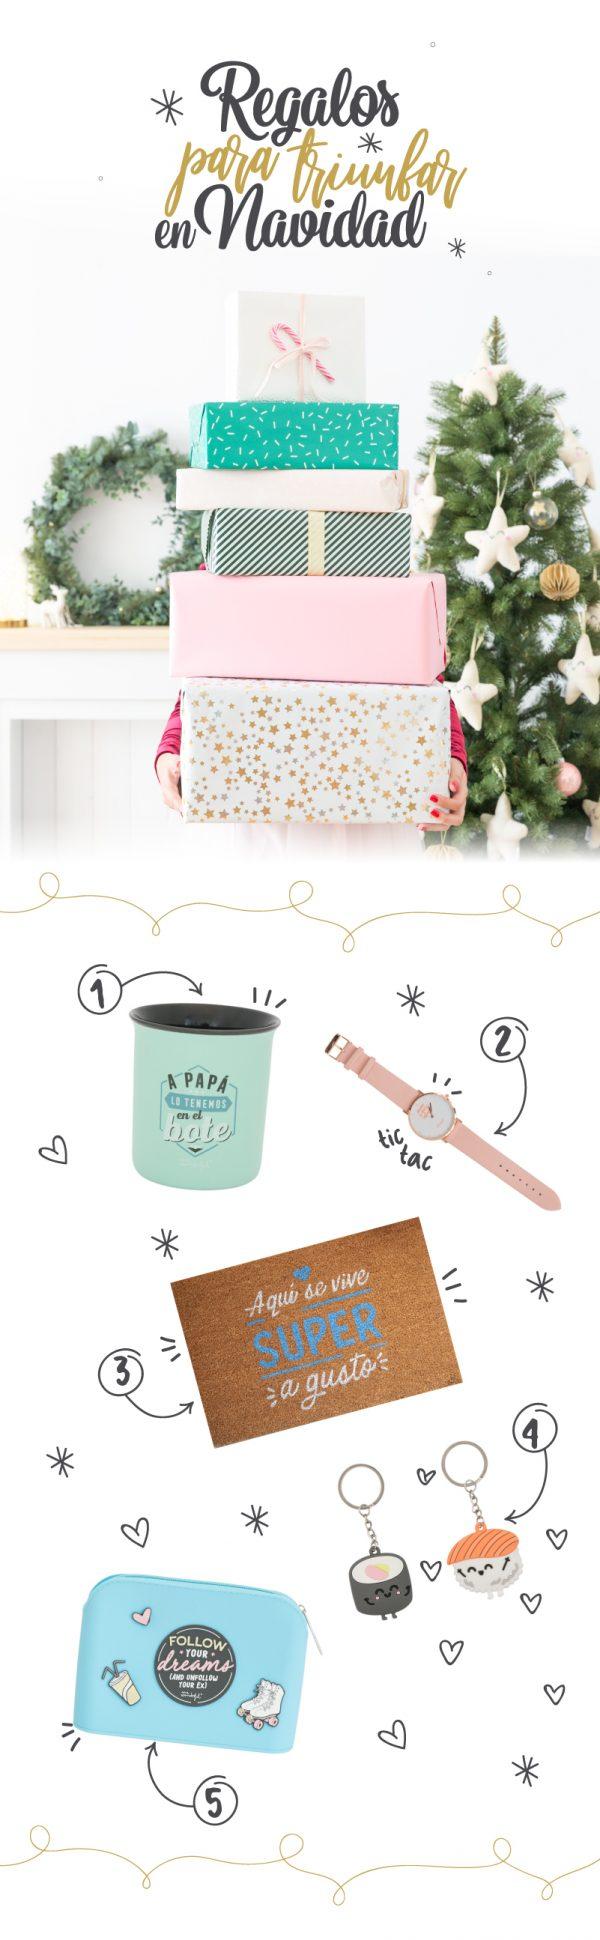 Los regalos de Navidad originales más buscados